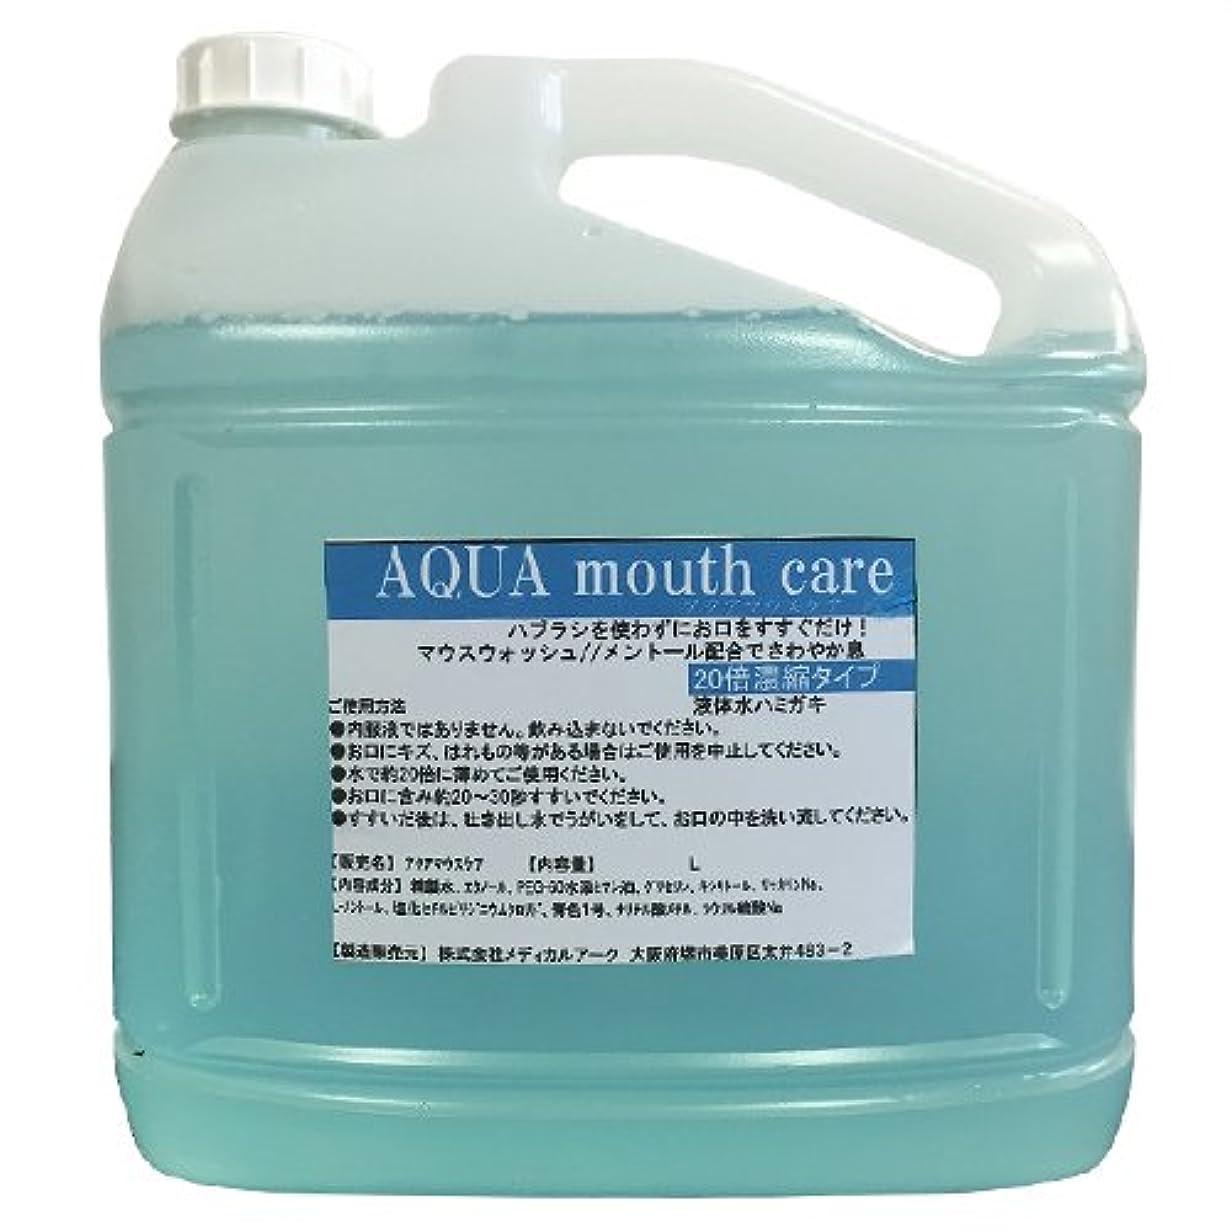 どういたしまして拒絶海洋の業務用洗口液 マウスウォッシュ アクアマウスケア (AQUA mouth care) 20倍濃縮タイプ 5L (詰め替えコック付き)